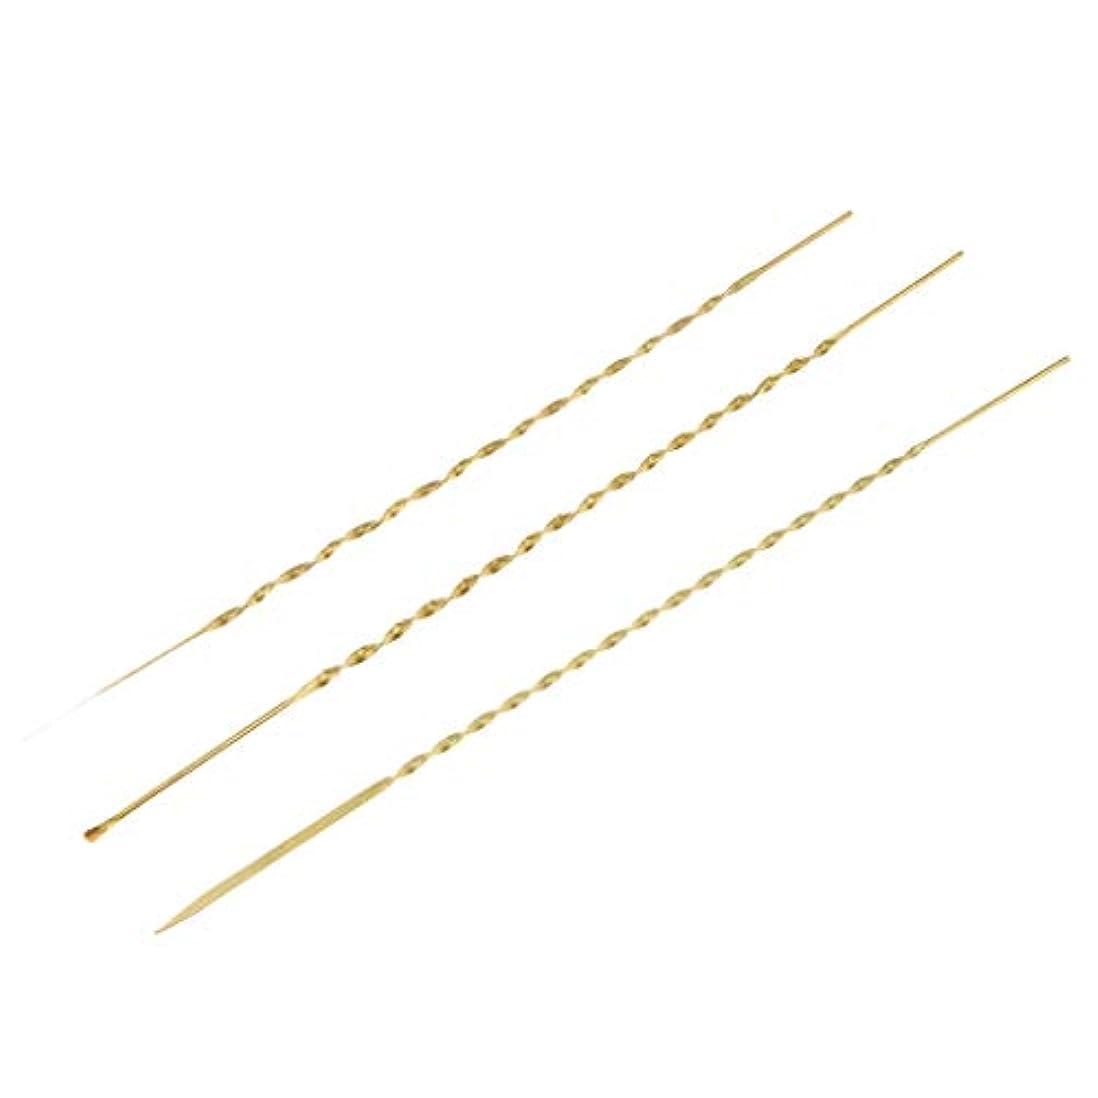 うれしい比率仮装3本 耳ピック 耳かき 耳ワックスリムーバー 高品質 金属製 3サイズ選べ - 17cm